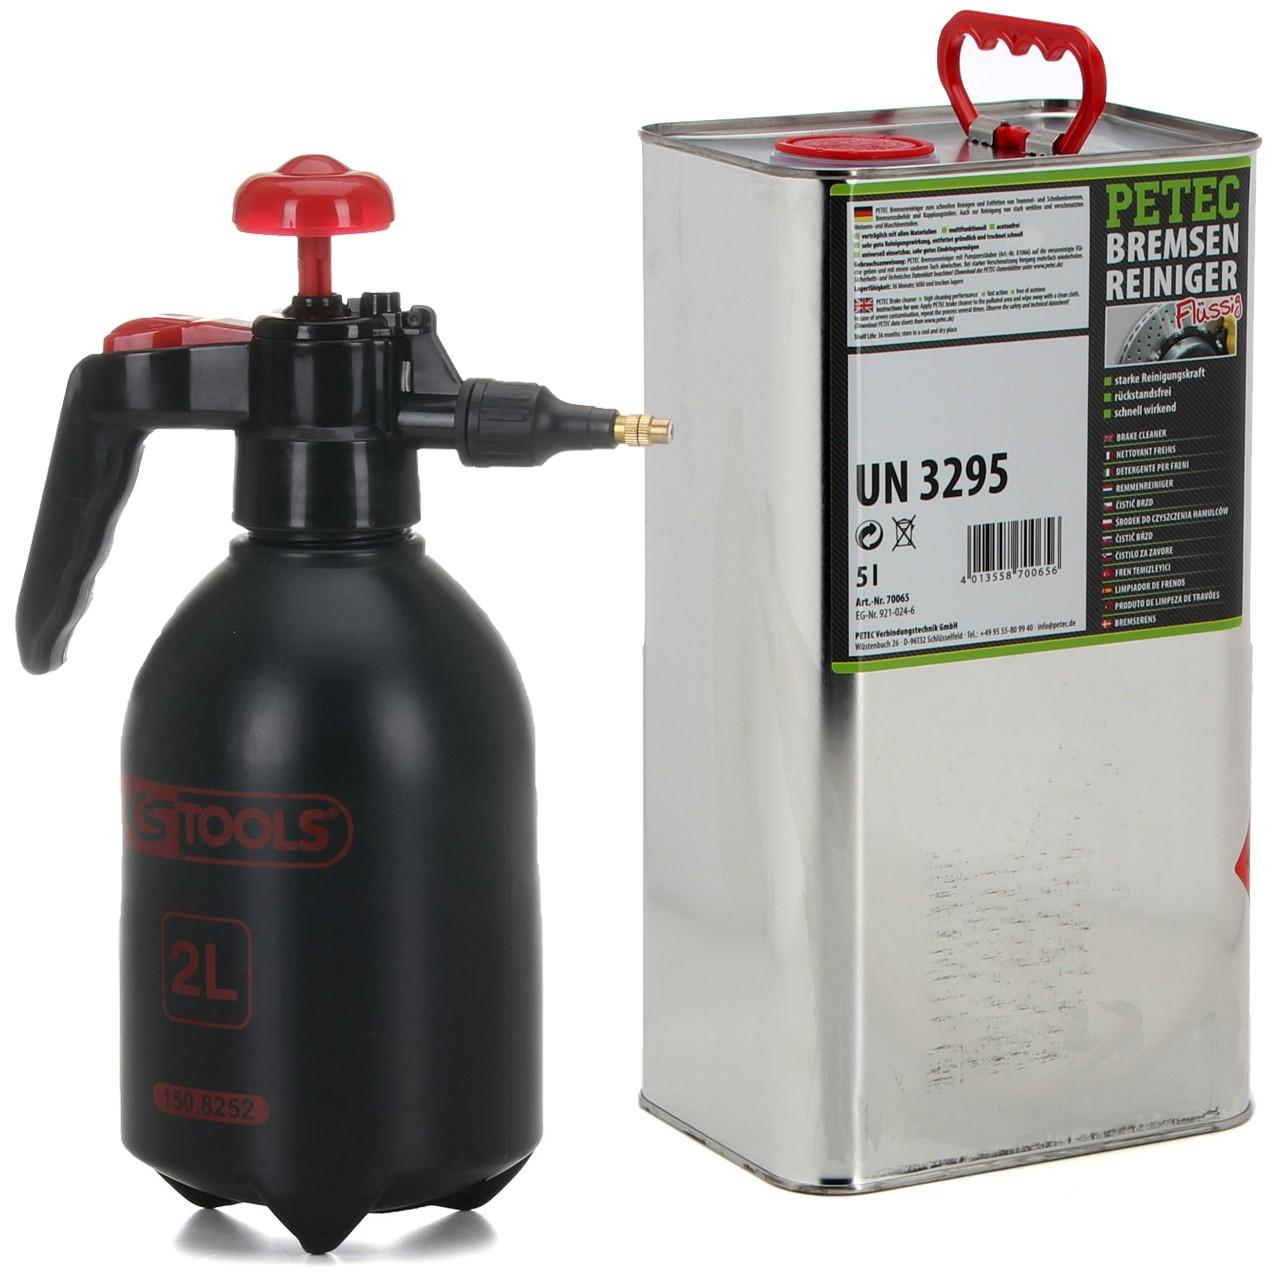 PETEC Bremsenreiniger Montagereiniger 5 L + KS TOOLS Druckpumpflasche 2 LITER